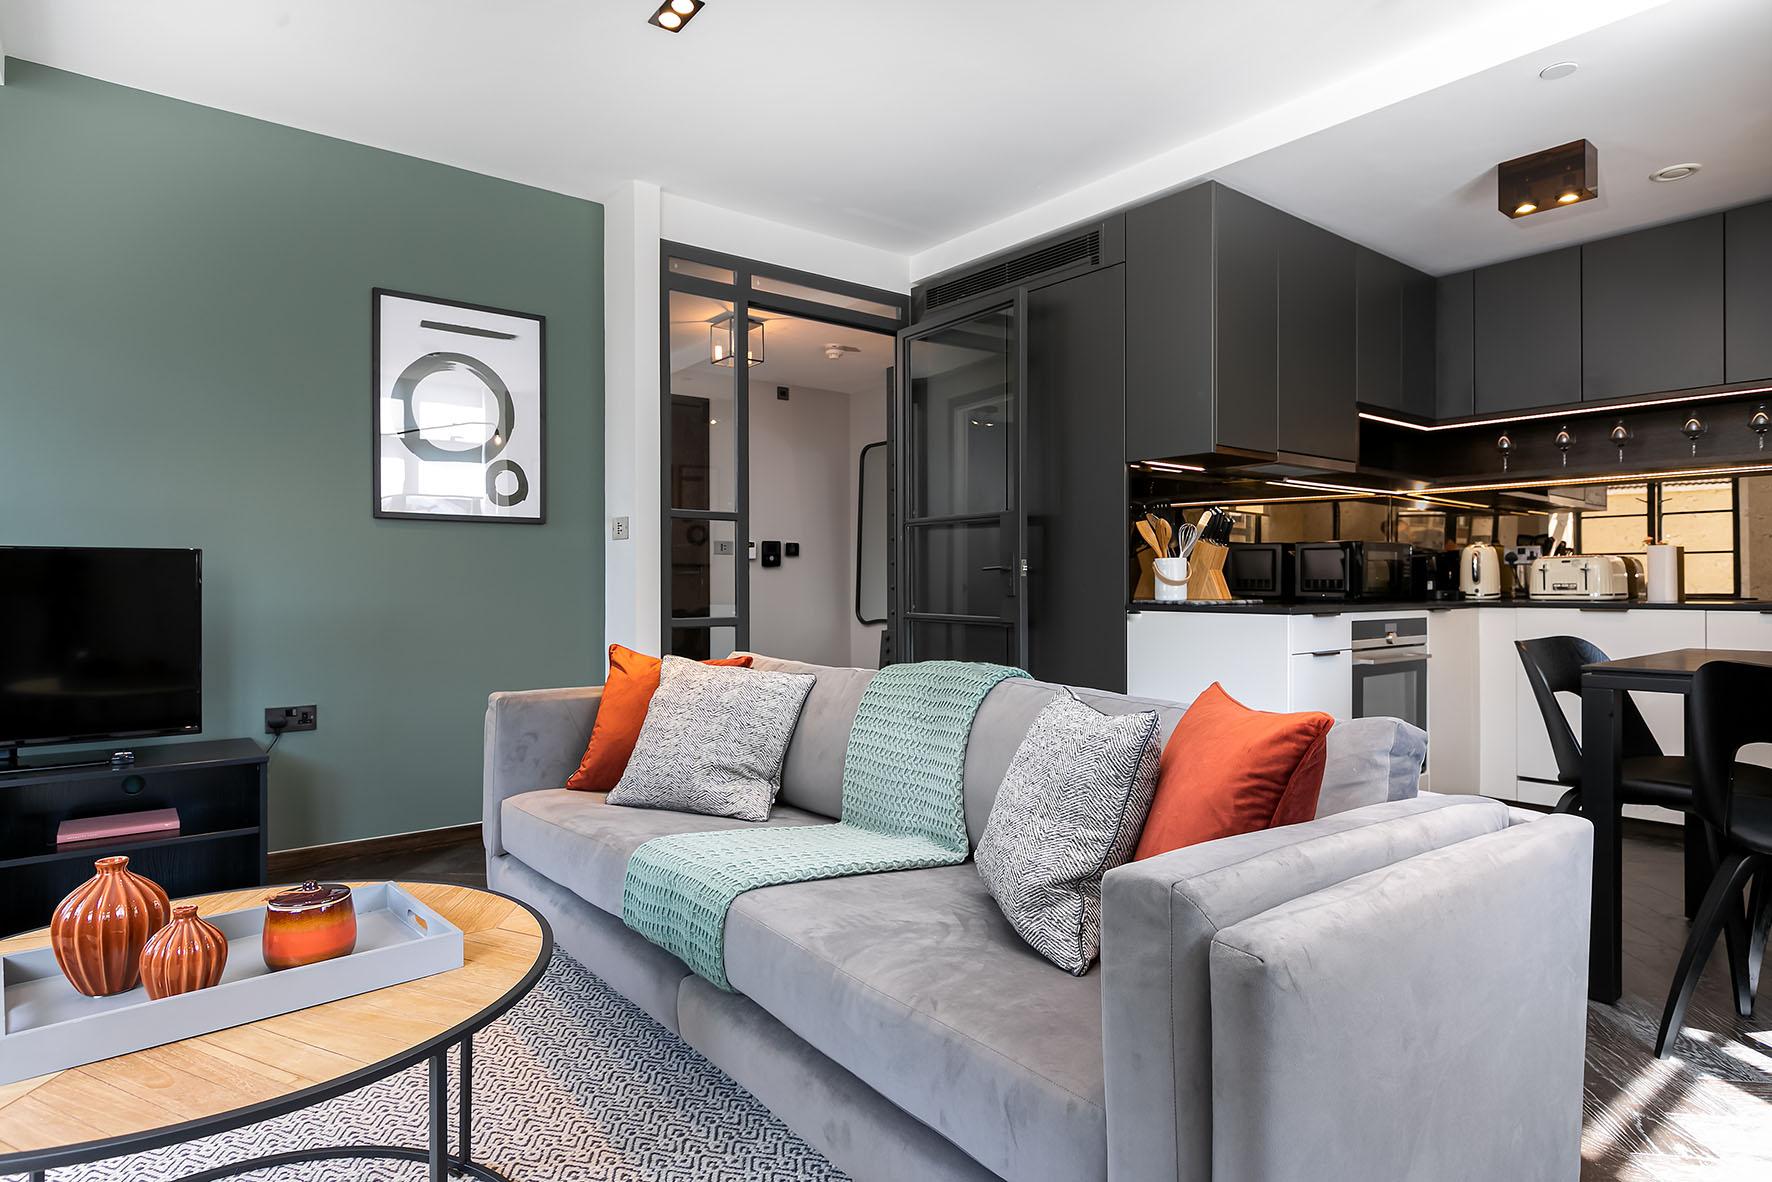 Lovelydays luxury service apartment rental - London - Soho - Oxford Street IV - Lovelysuite - 2 bedrooms - 2 bathrooms - Luxury living room - cb17252668ea - Lovelydays